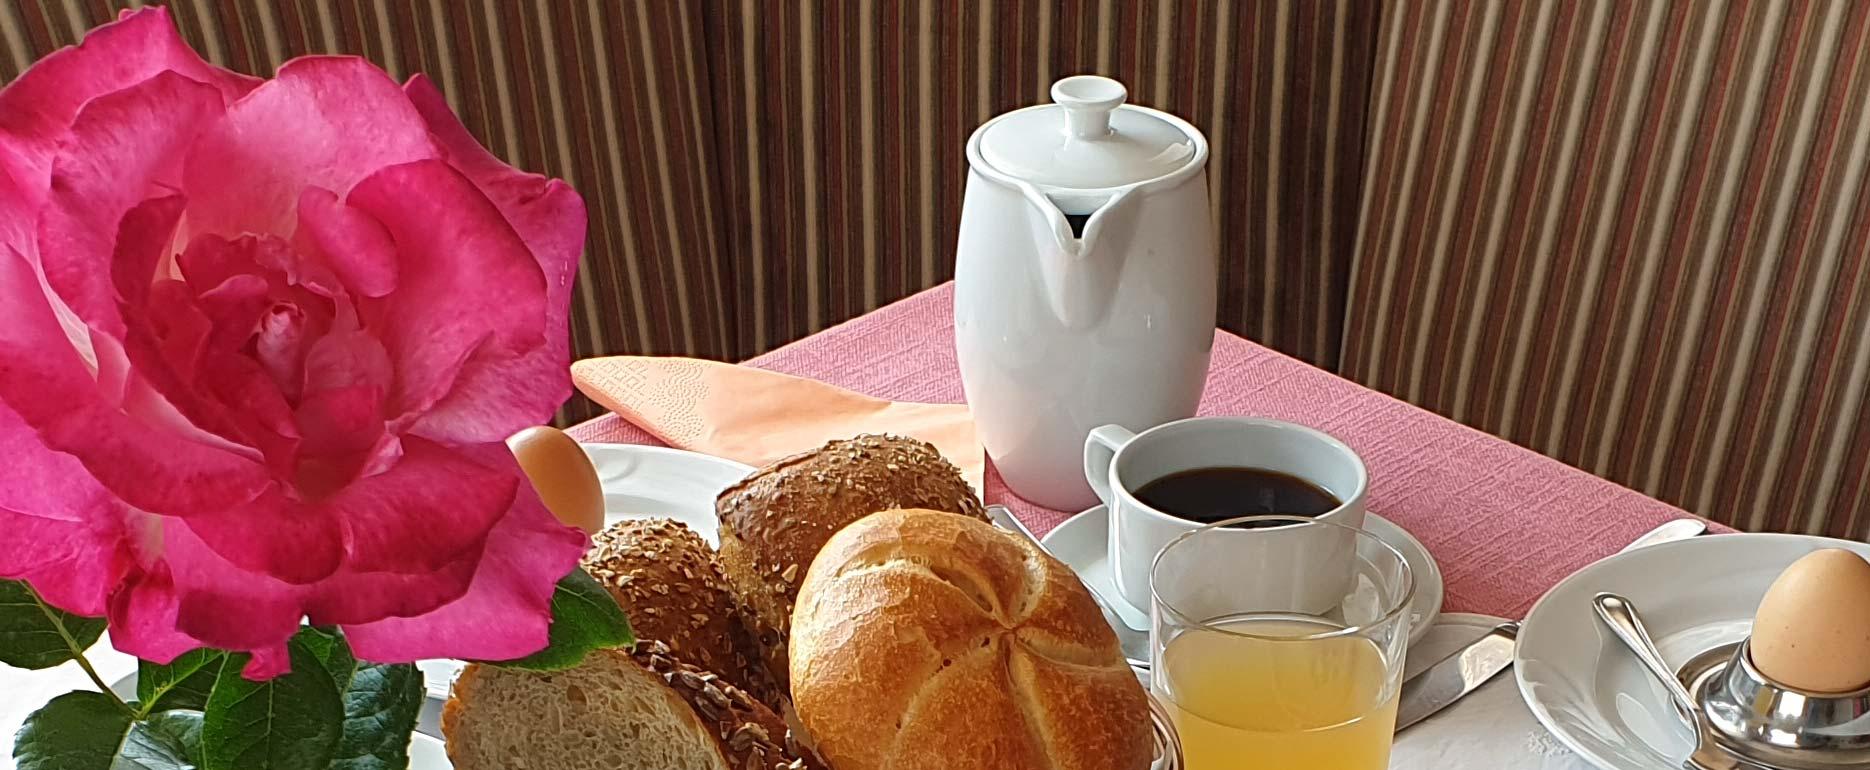 Prima colazione seducente